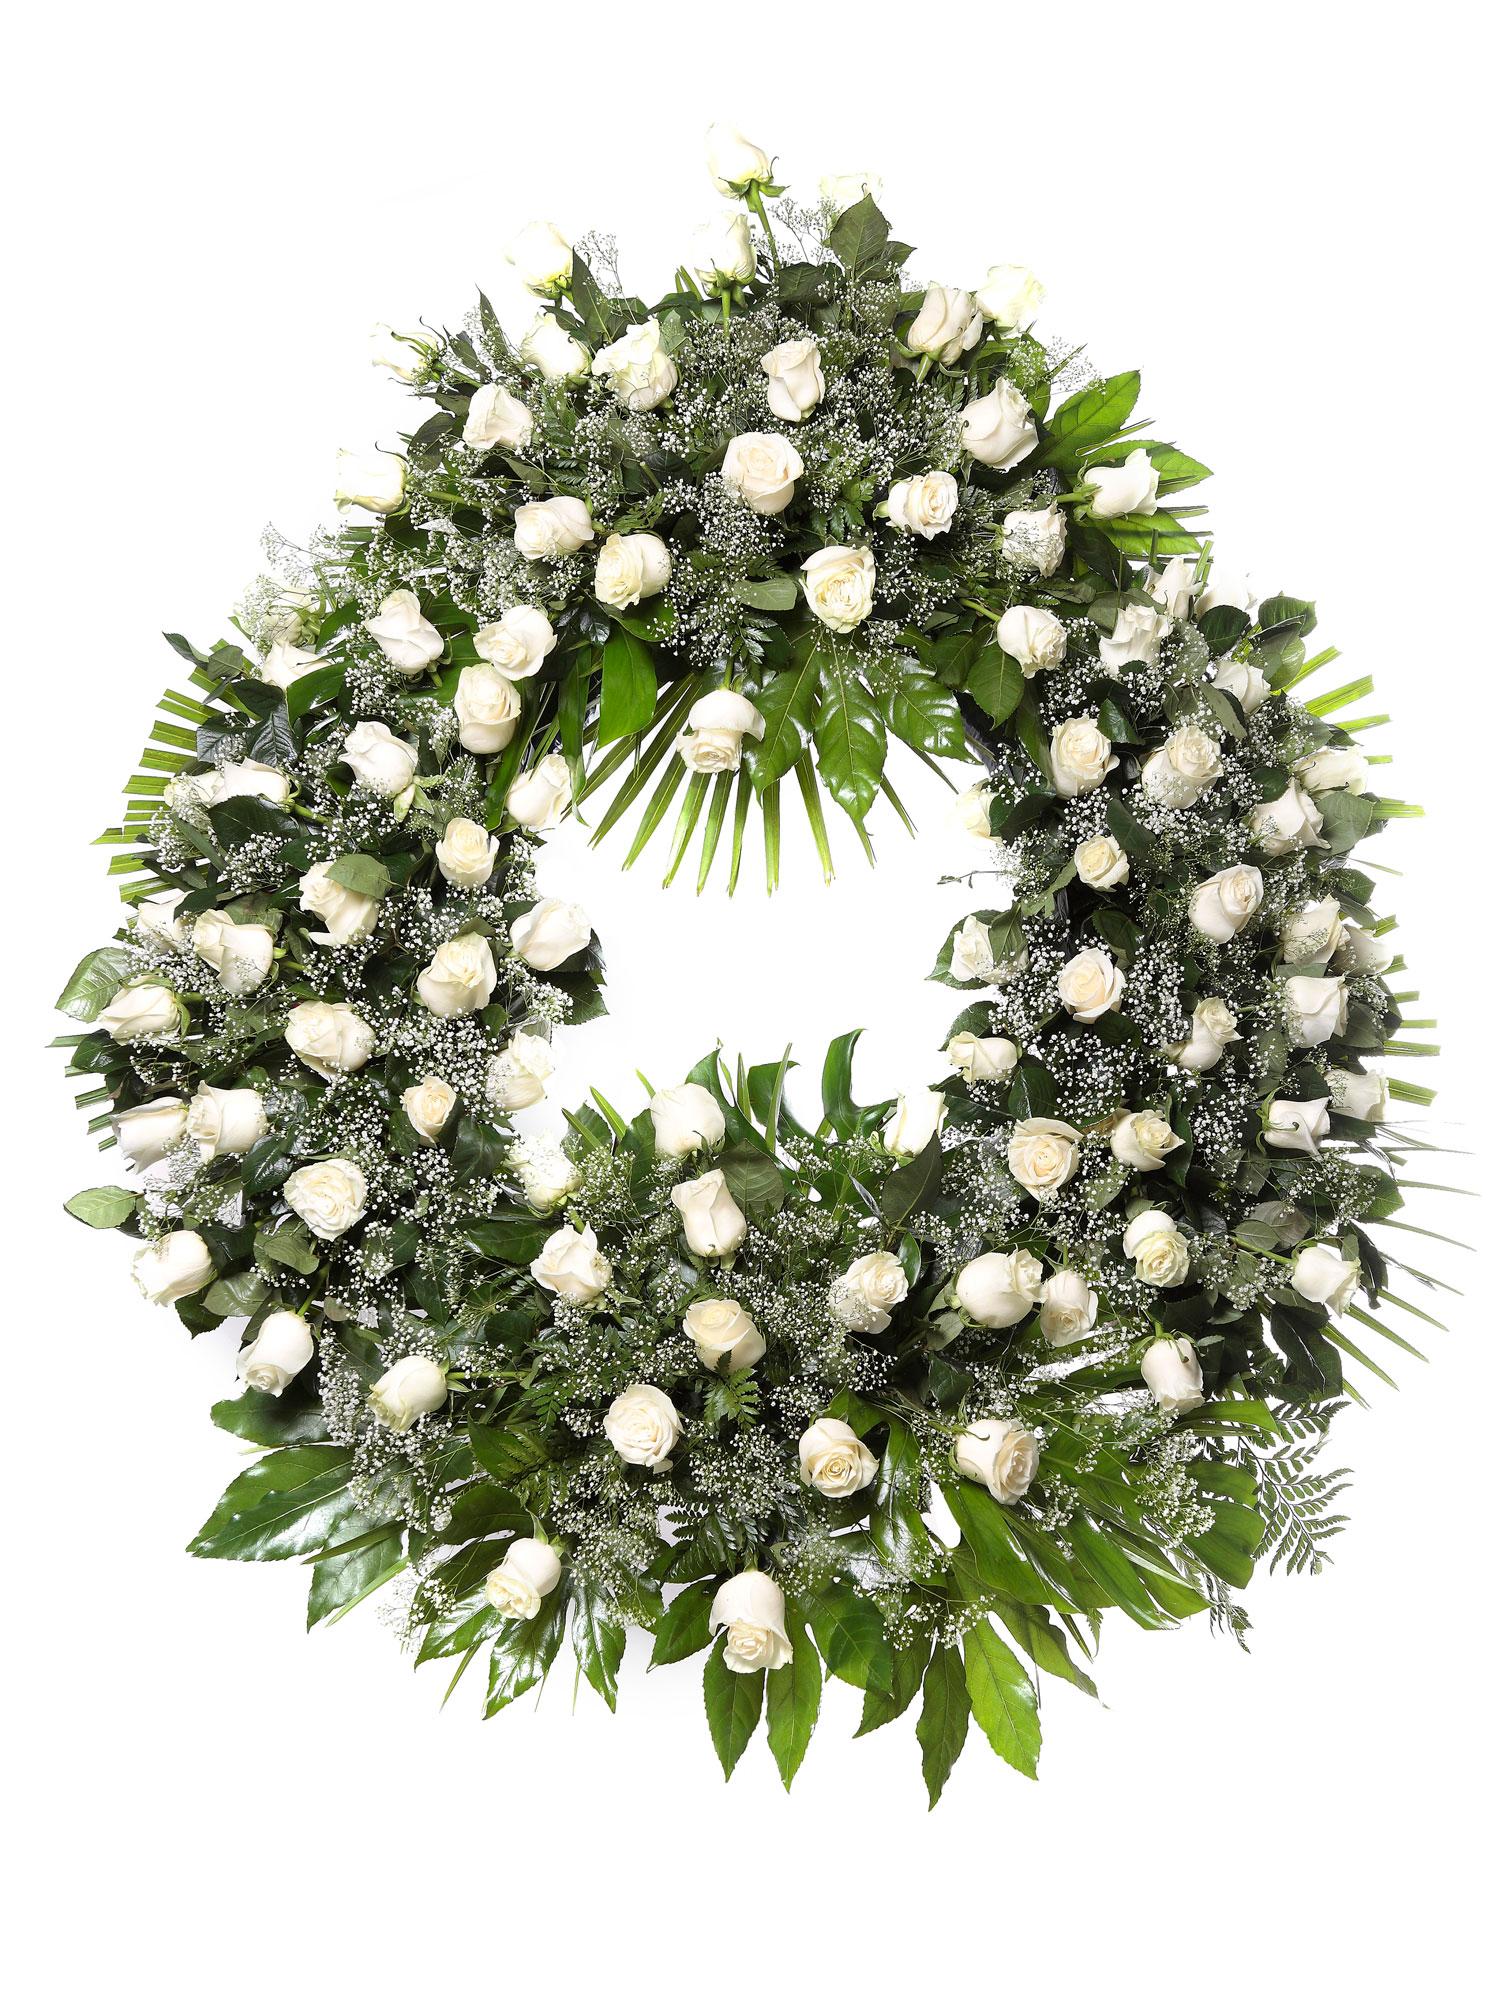 Dos coronas gigantes de rosas promociones los jardines for Tanatorio los jardines carrizo